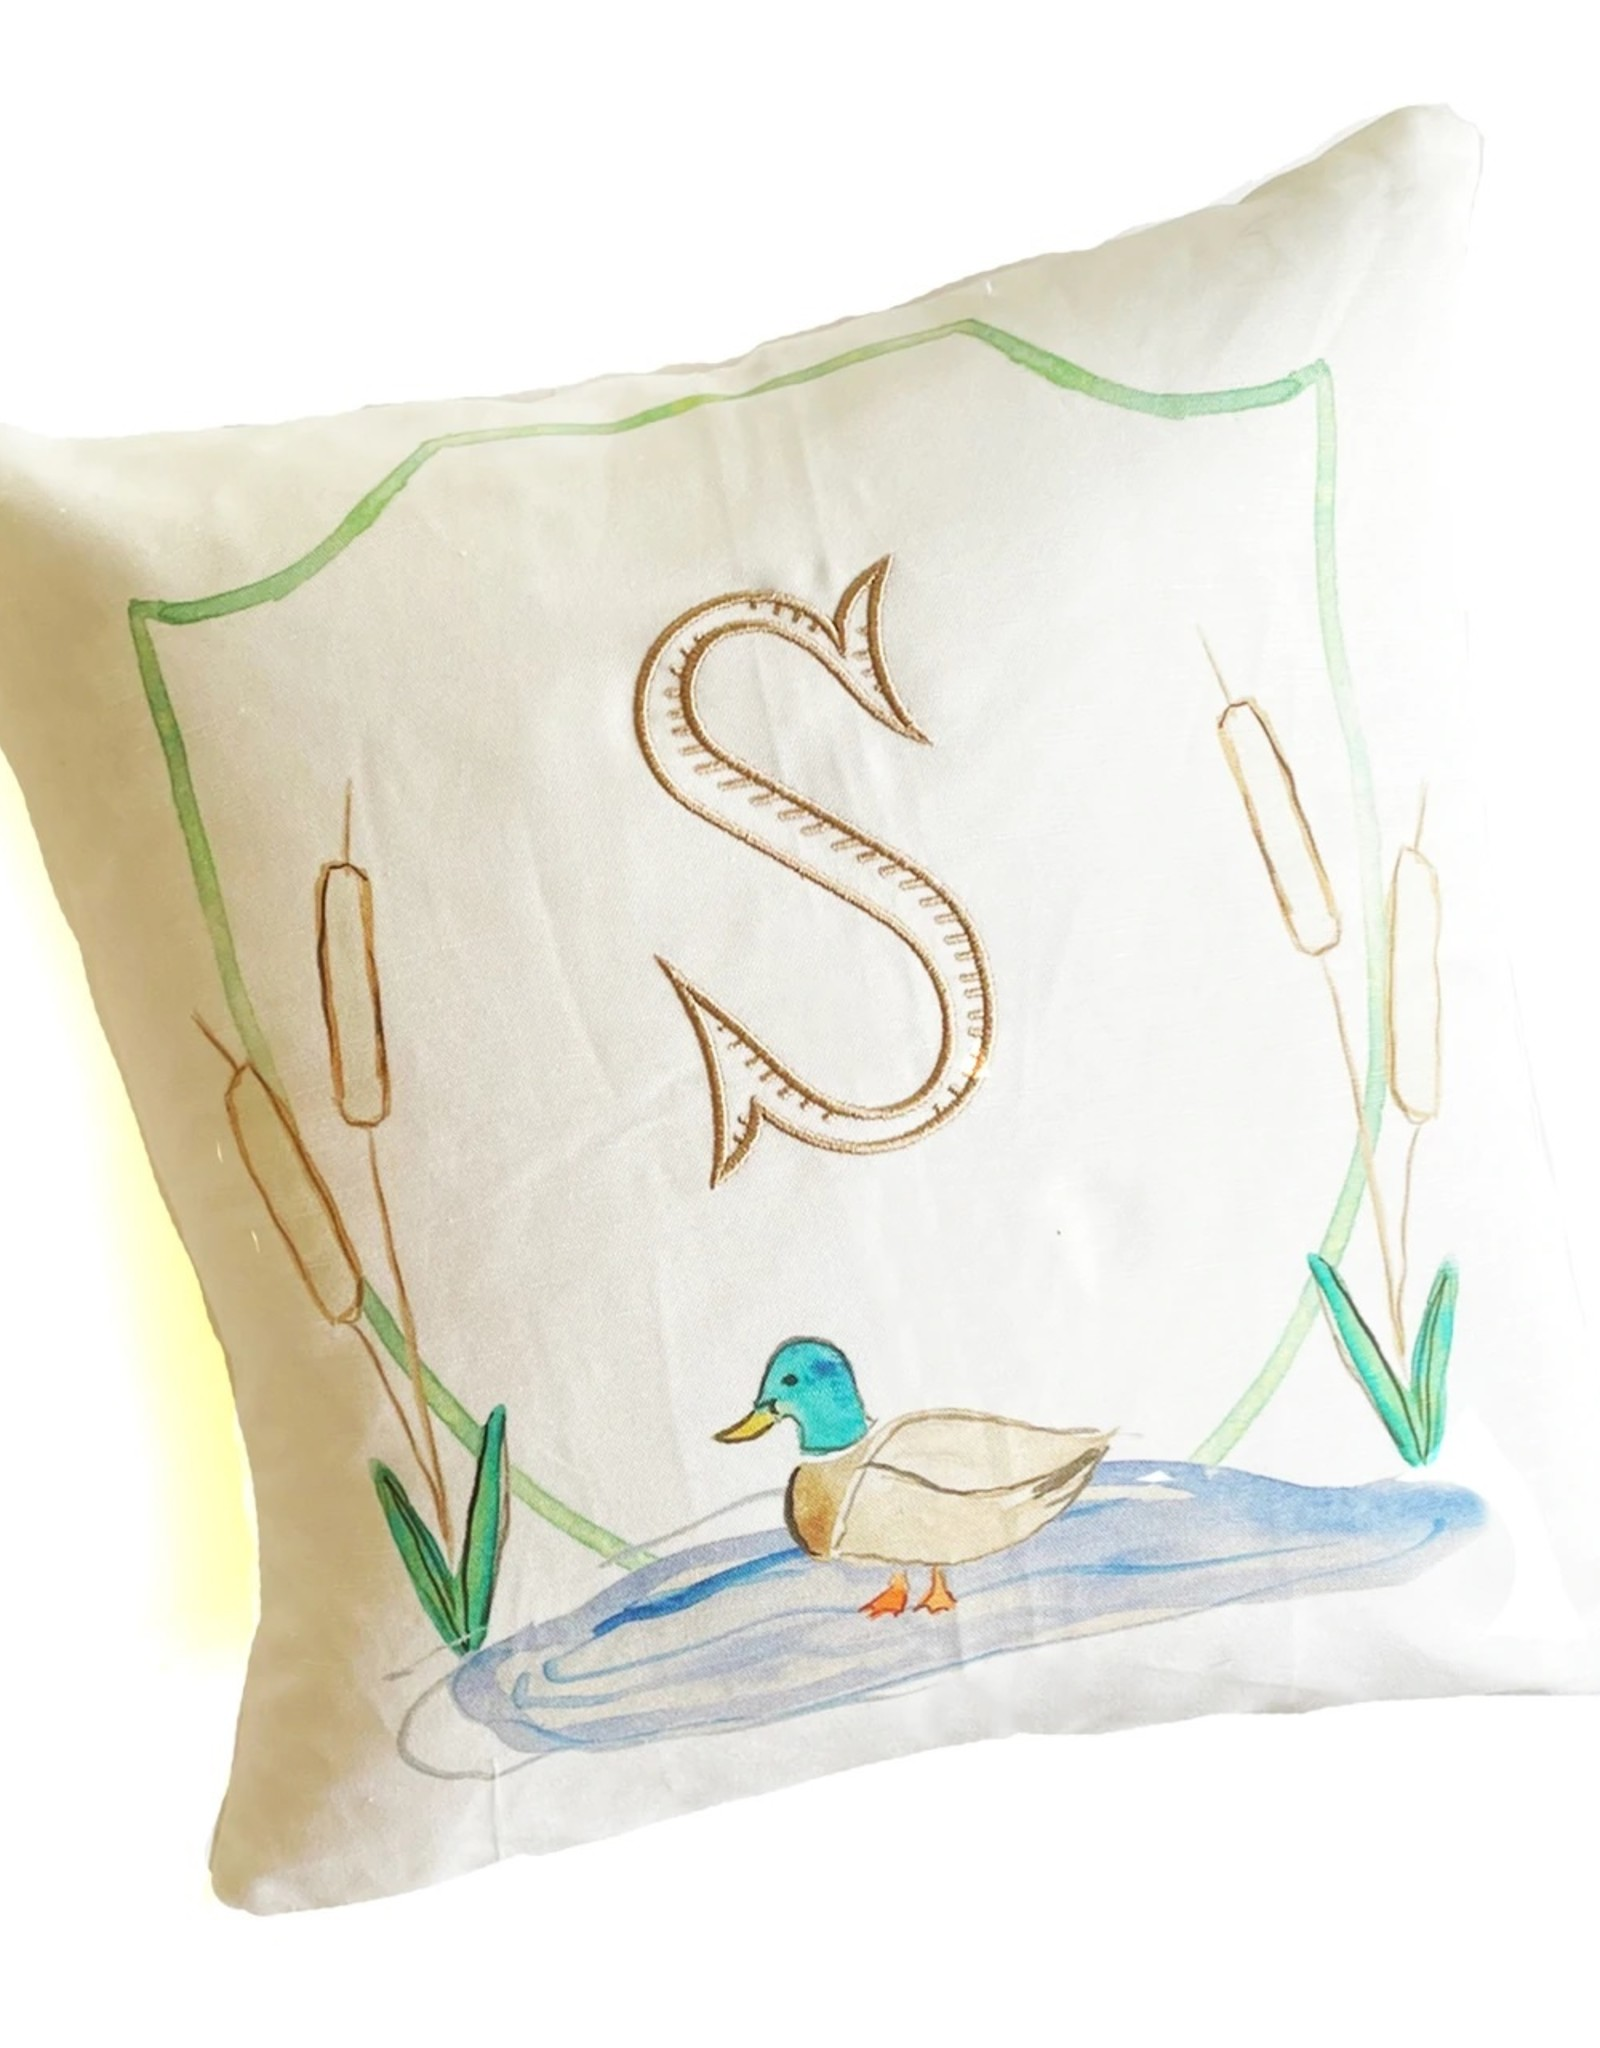 Over The Moon Mallard Crest Pillow